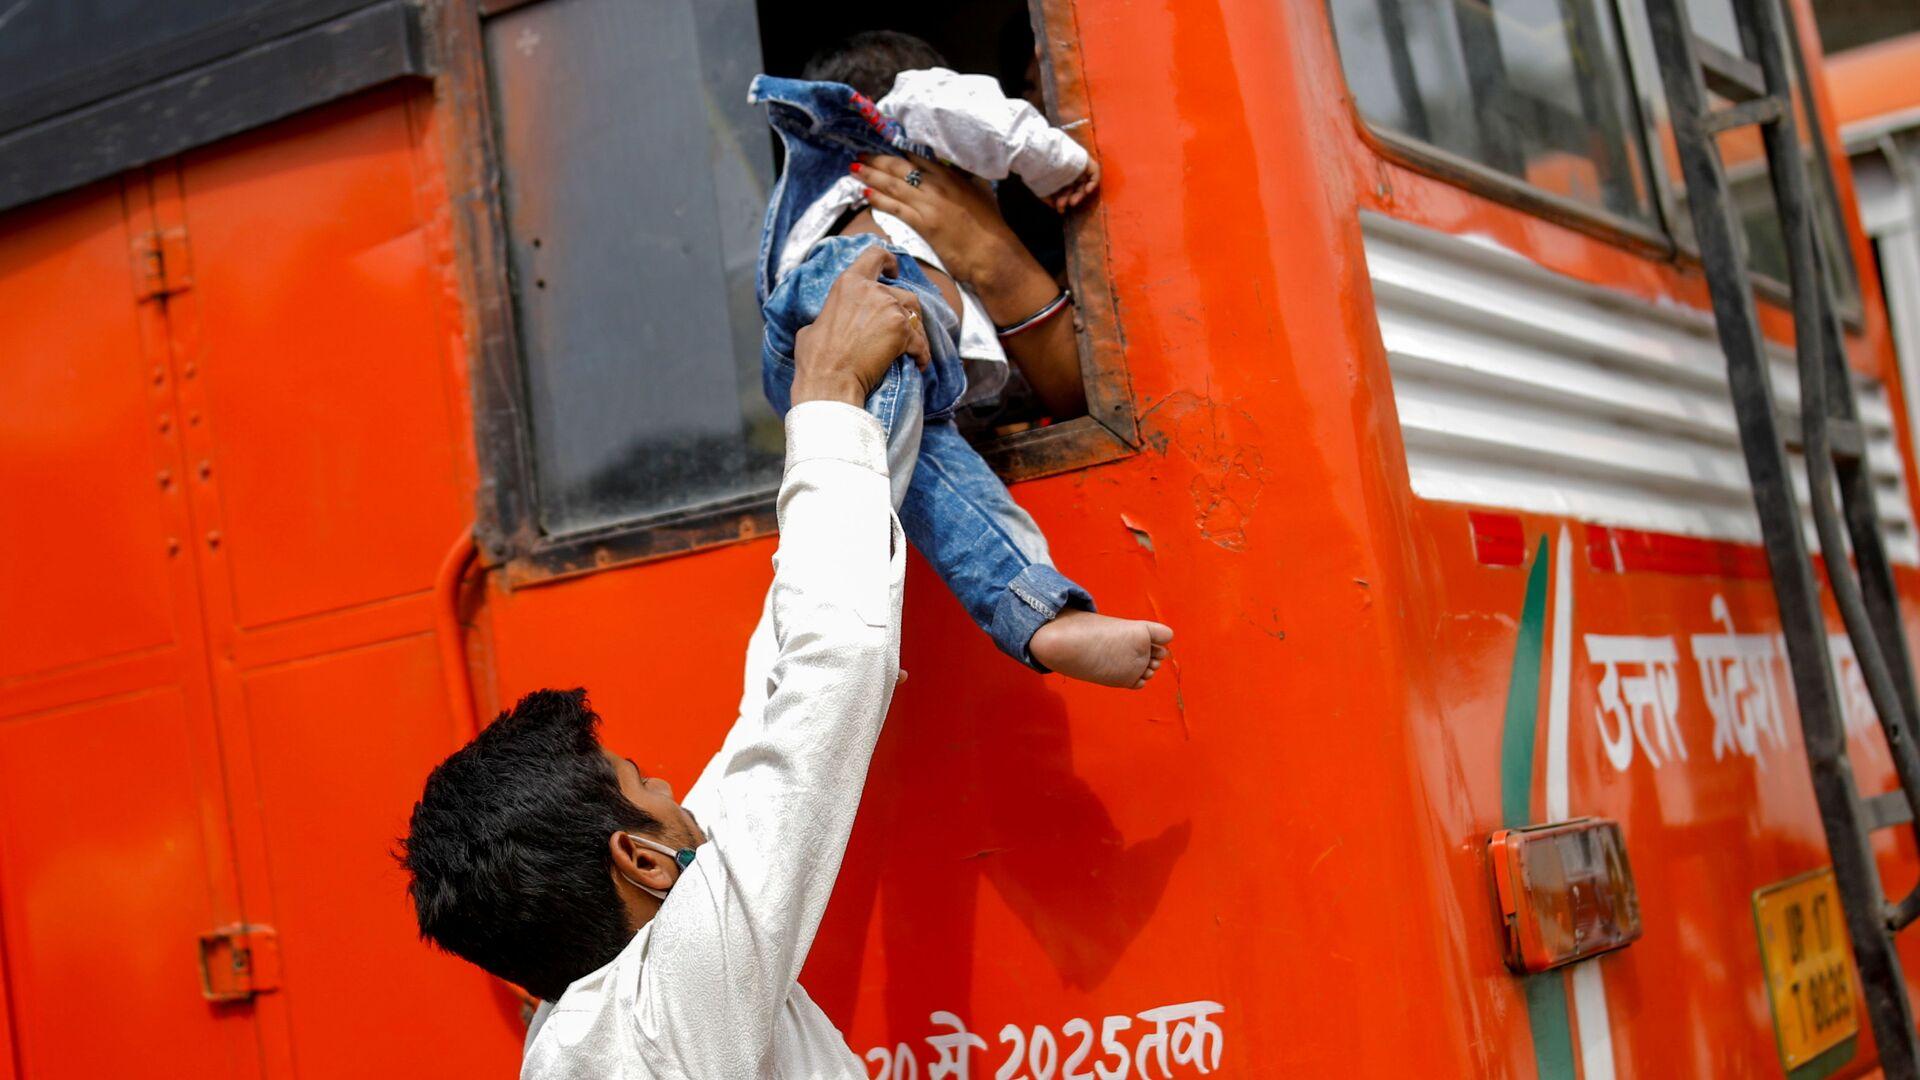 Рабочий-мигрант передает своего сына в окно автобуса, чтобы вернуться в свою деревню из-за шестидневной изоляции, Индия - Sputnik Česká republika, 1920, 10.08.2021